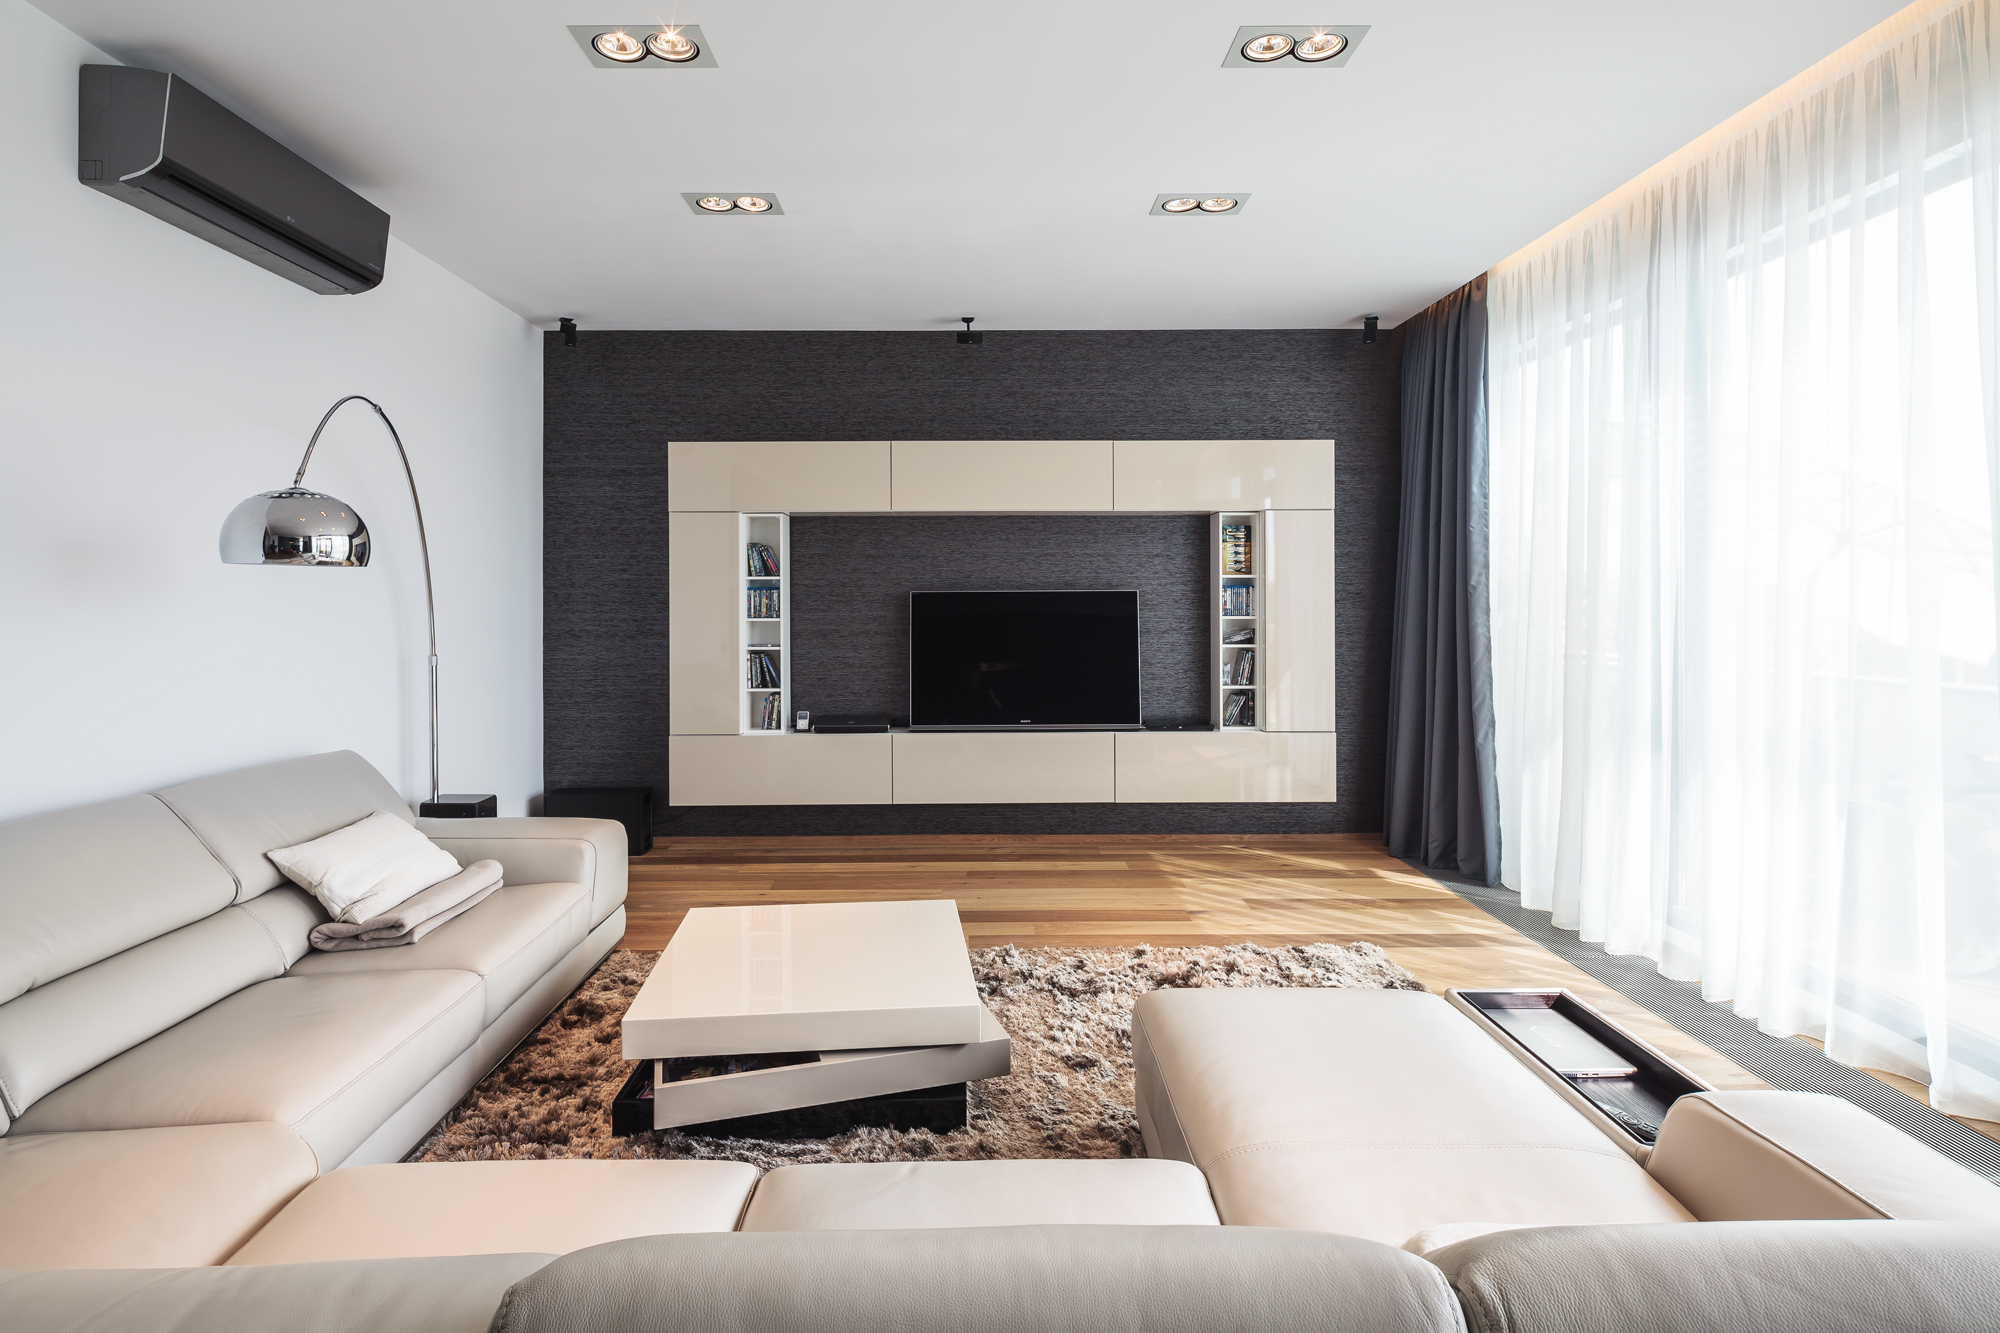 Дизайн интерьера квартиры фото современный стиль